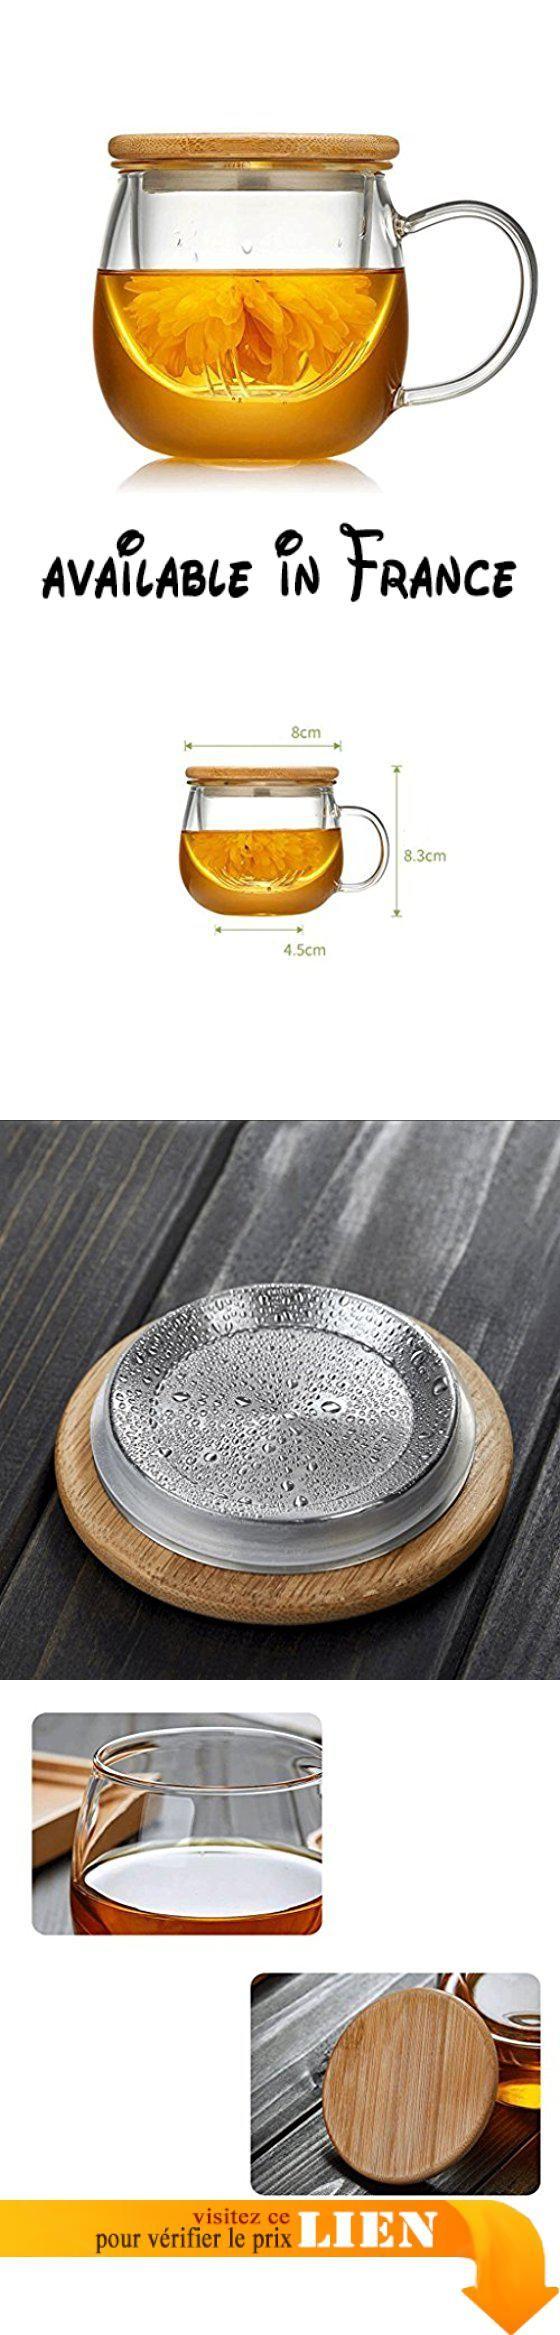 B077QH6RBQ : ZHAOJING Tasse en verre de tasse de bureau tasse de tasse de tasse de tasse de tasse avec les hommes de couverture et le filtre à bande épaissi de dames ( taille : 300ml ). Coupe bouche épaissie arrondie et lisse pour vous apporter une expérience de consommation confortable; couvercle utilisant un procédé de tréfilage métallique pas facile à gratter. Fond épais de la coupe de la coupe moulage en une seule pièce pour augmenter la stabilité du